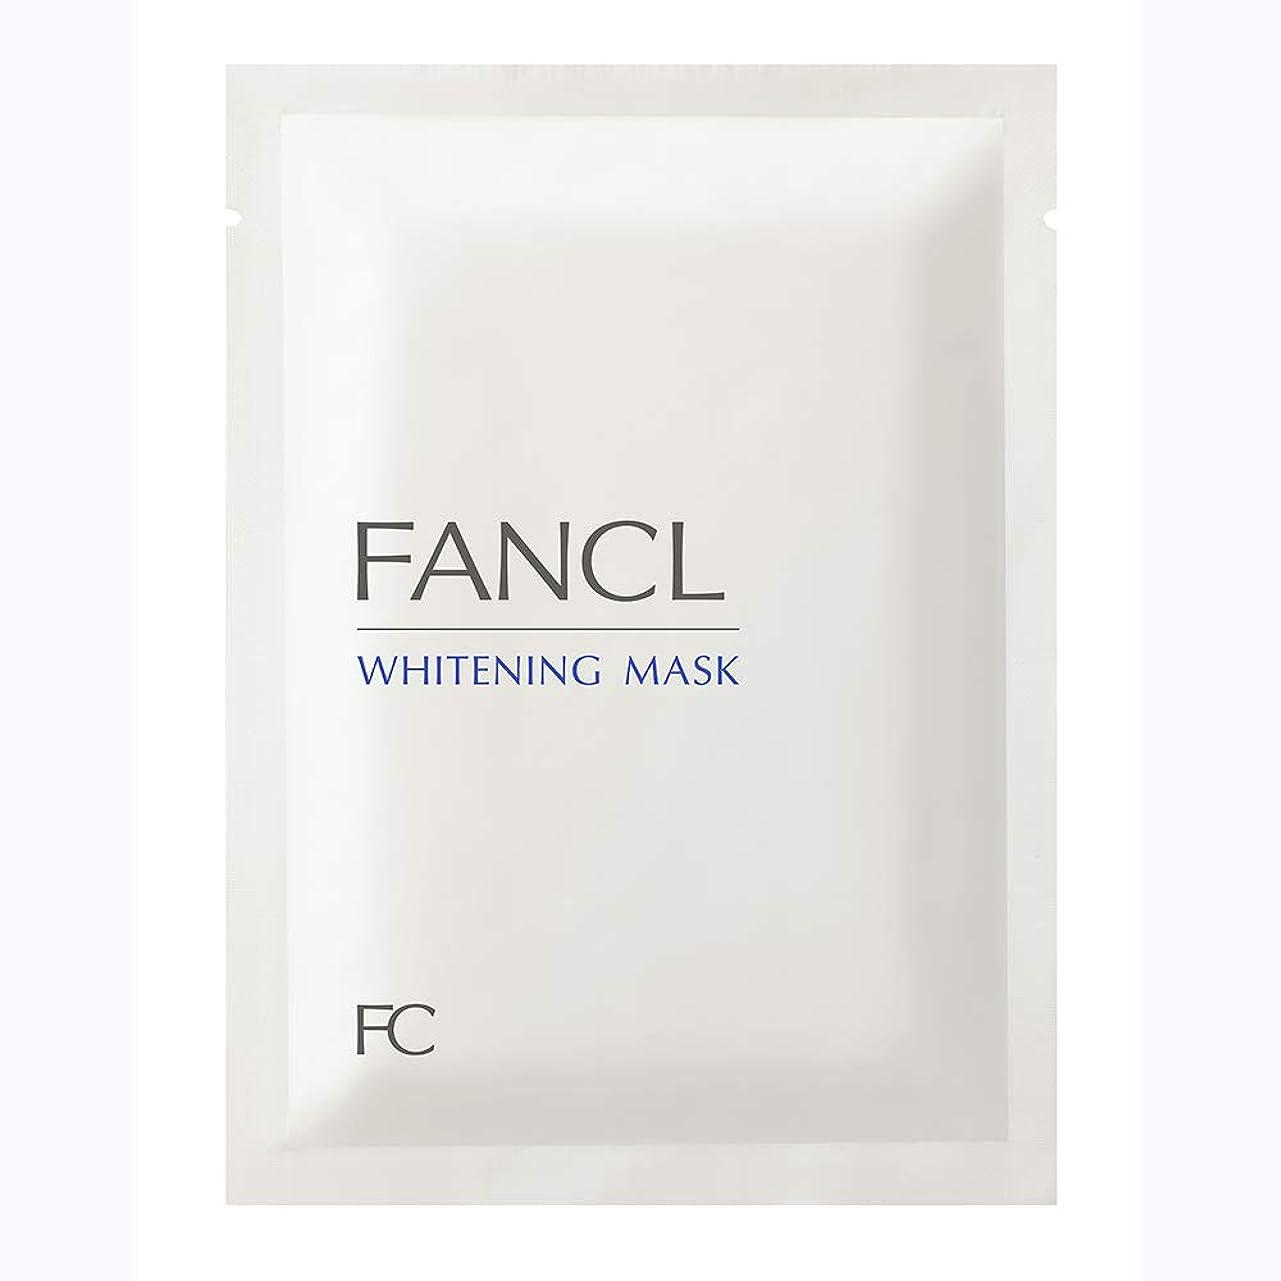 磁気気楽なロードされた新ファンケル(FANCL) ホワイトニング マスク<医薬部外品> 21mL×6枚